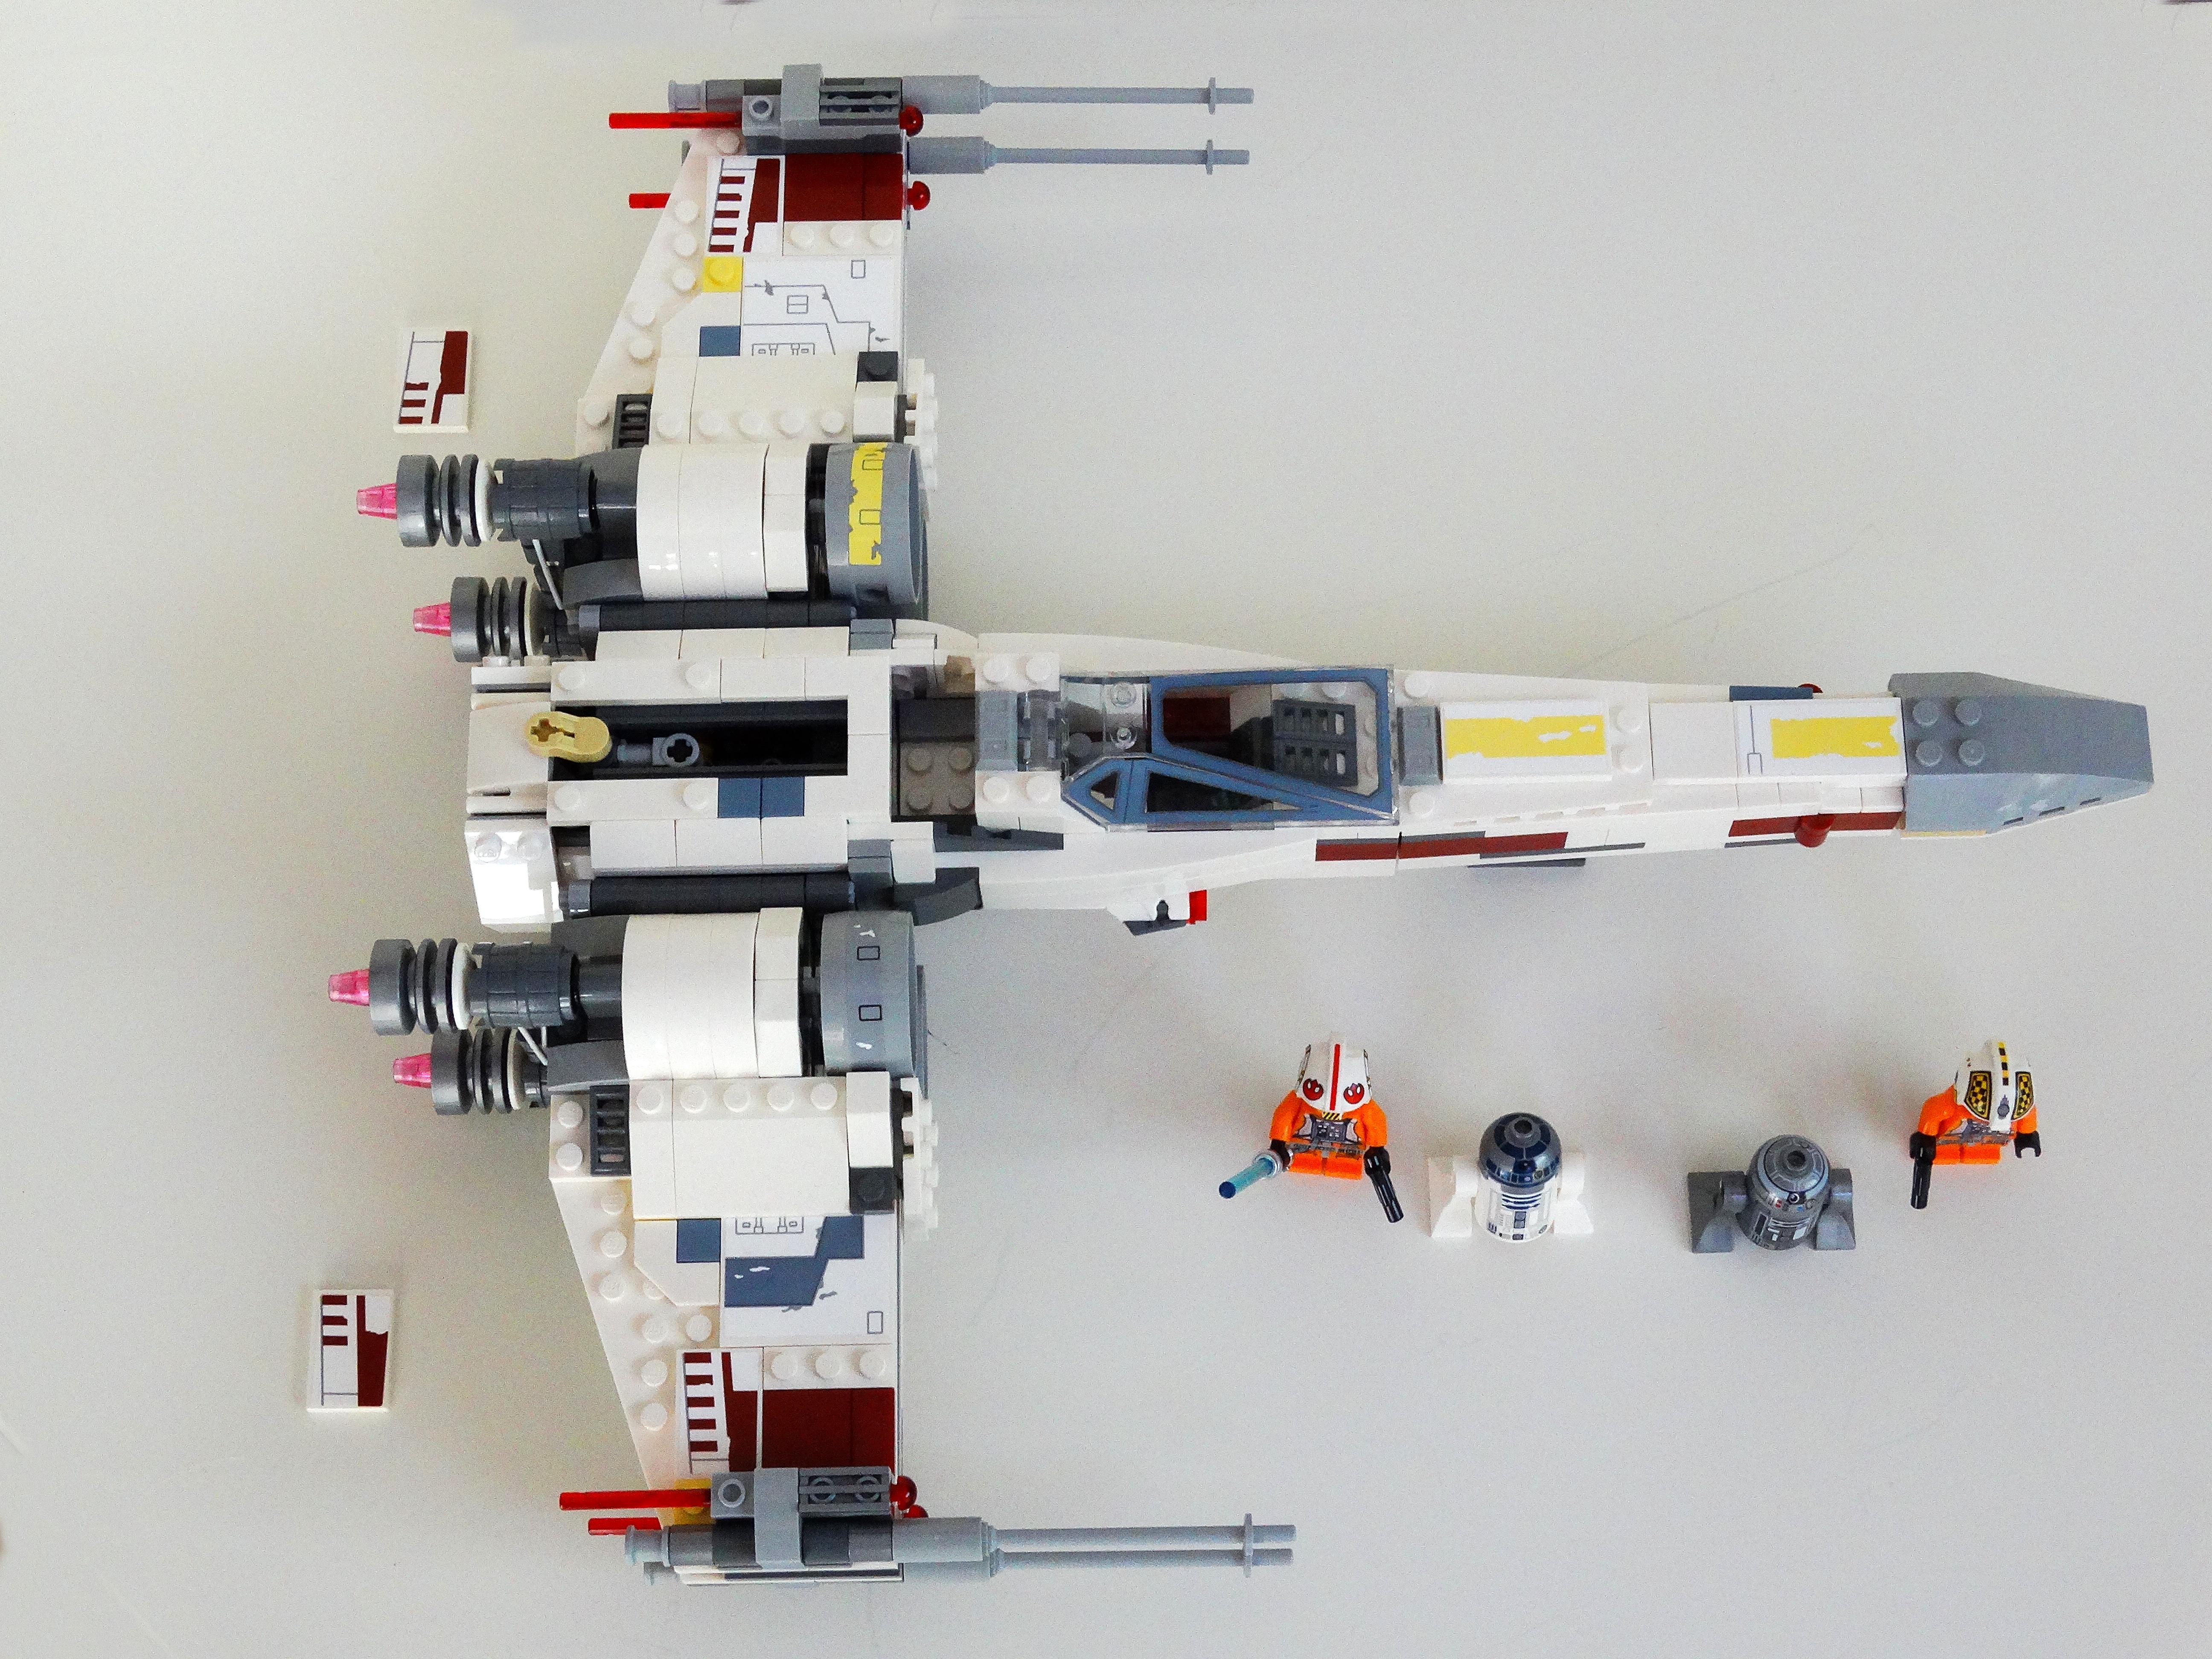 LEGO X-Wing 75218 aus der Vogelperspektive mitsamt Minifiguren und autauschbaren Kennungsplatten.